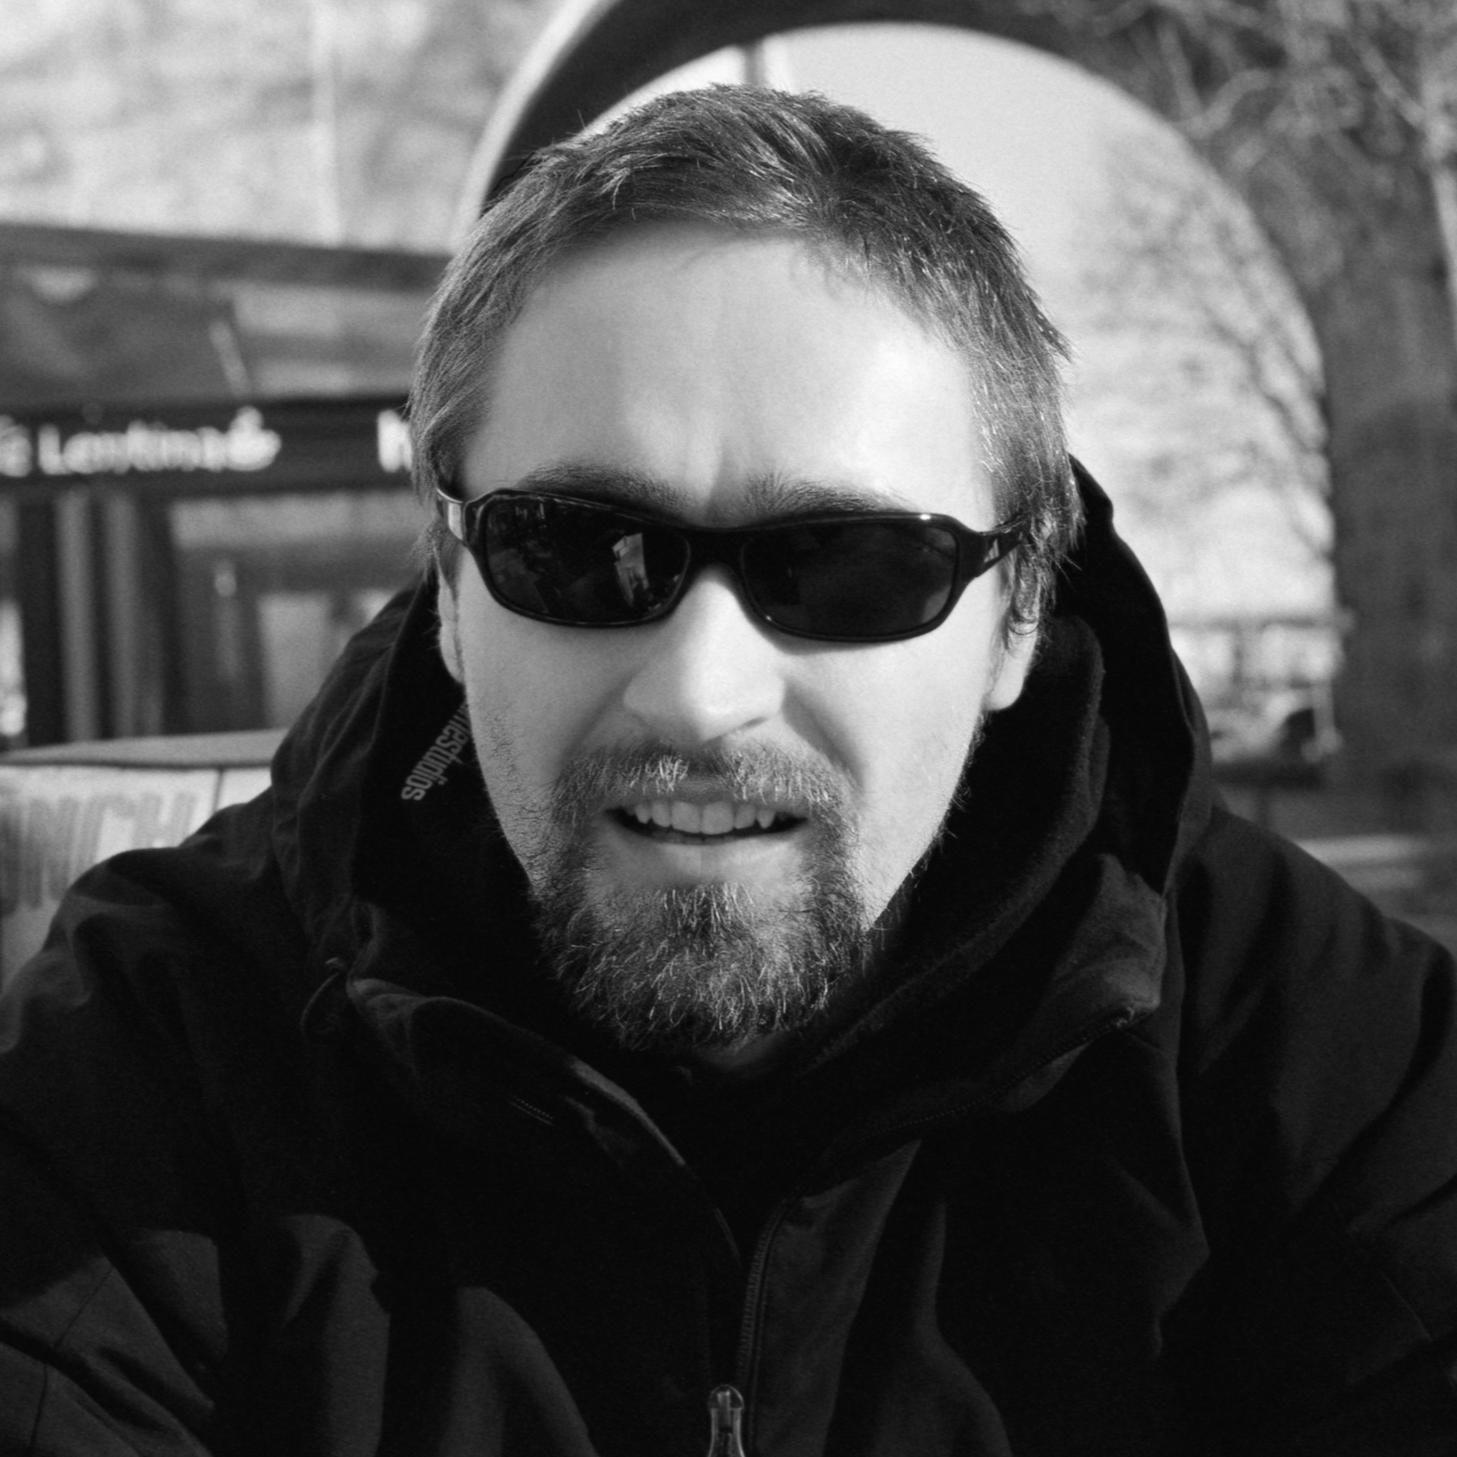 Matej Keglevič